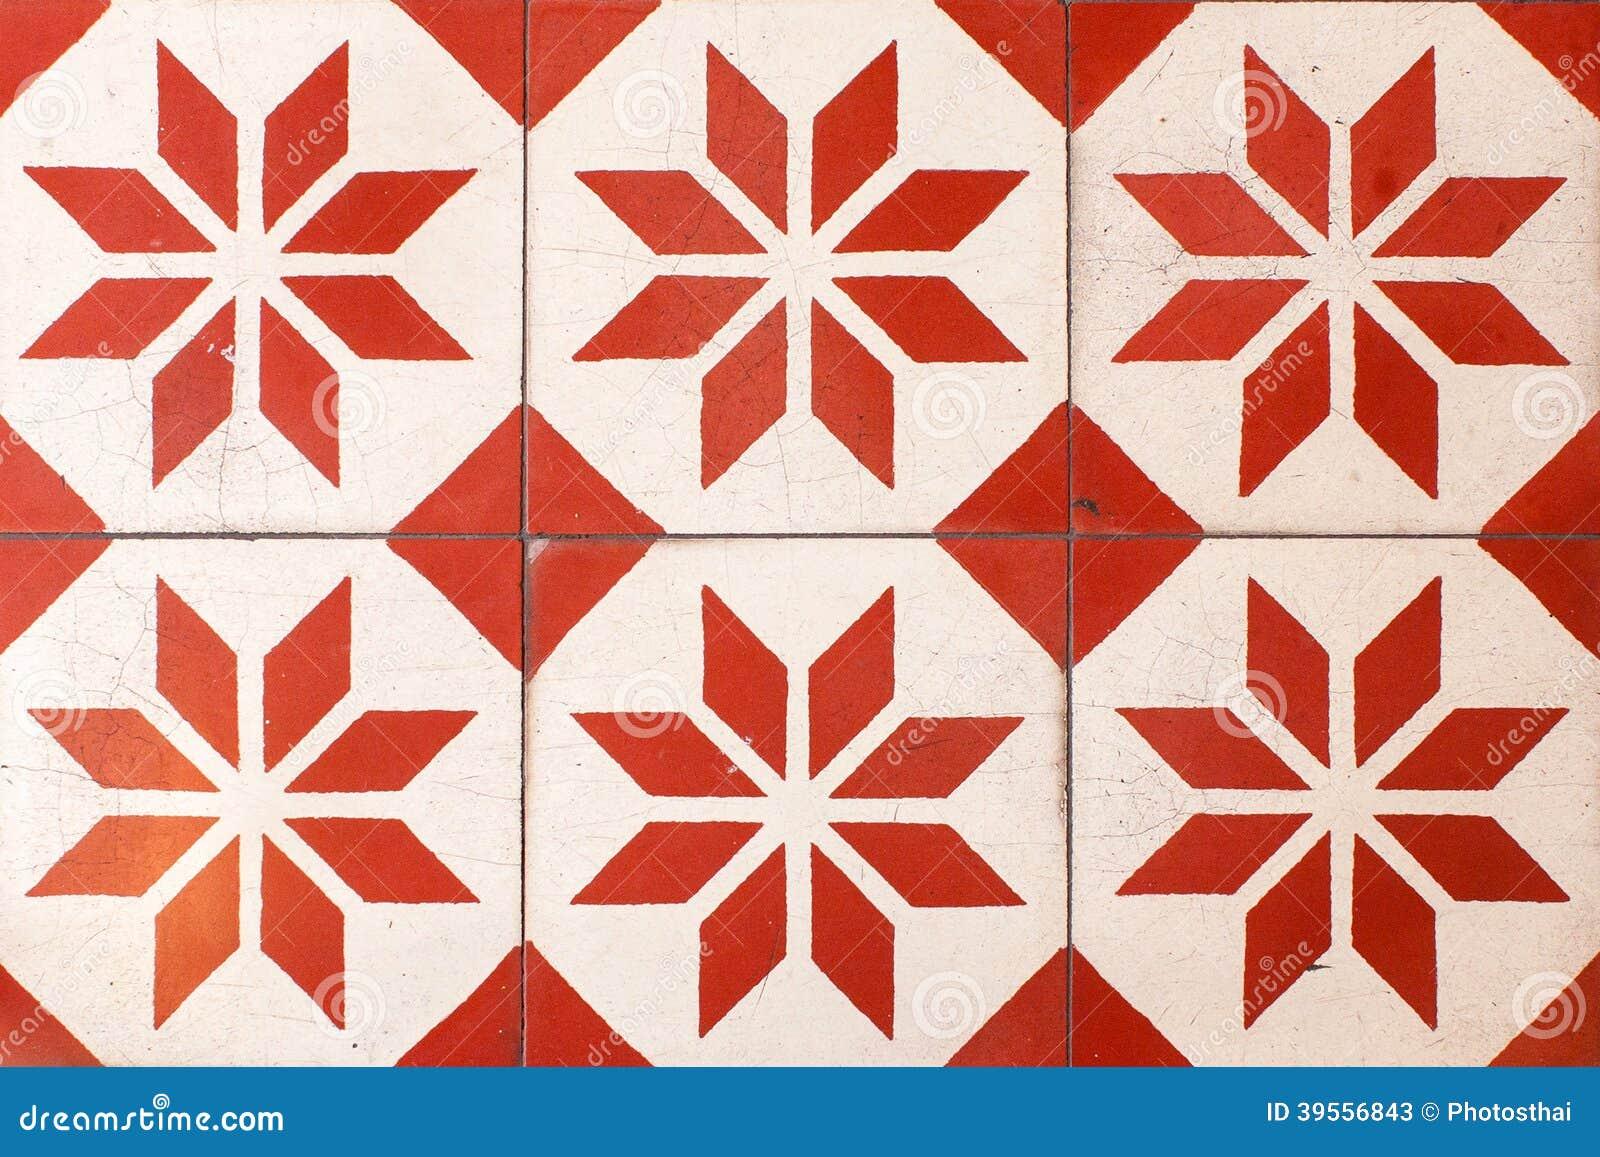 Thailndische Retro Bodenfliesen Stockfoto Bild 39556843